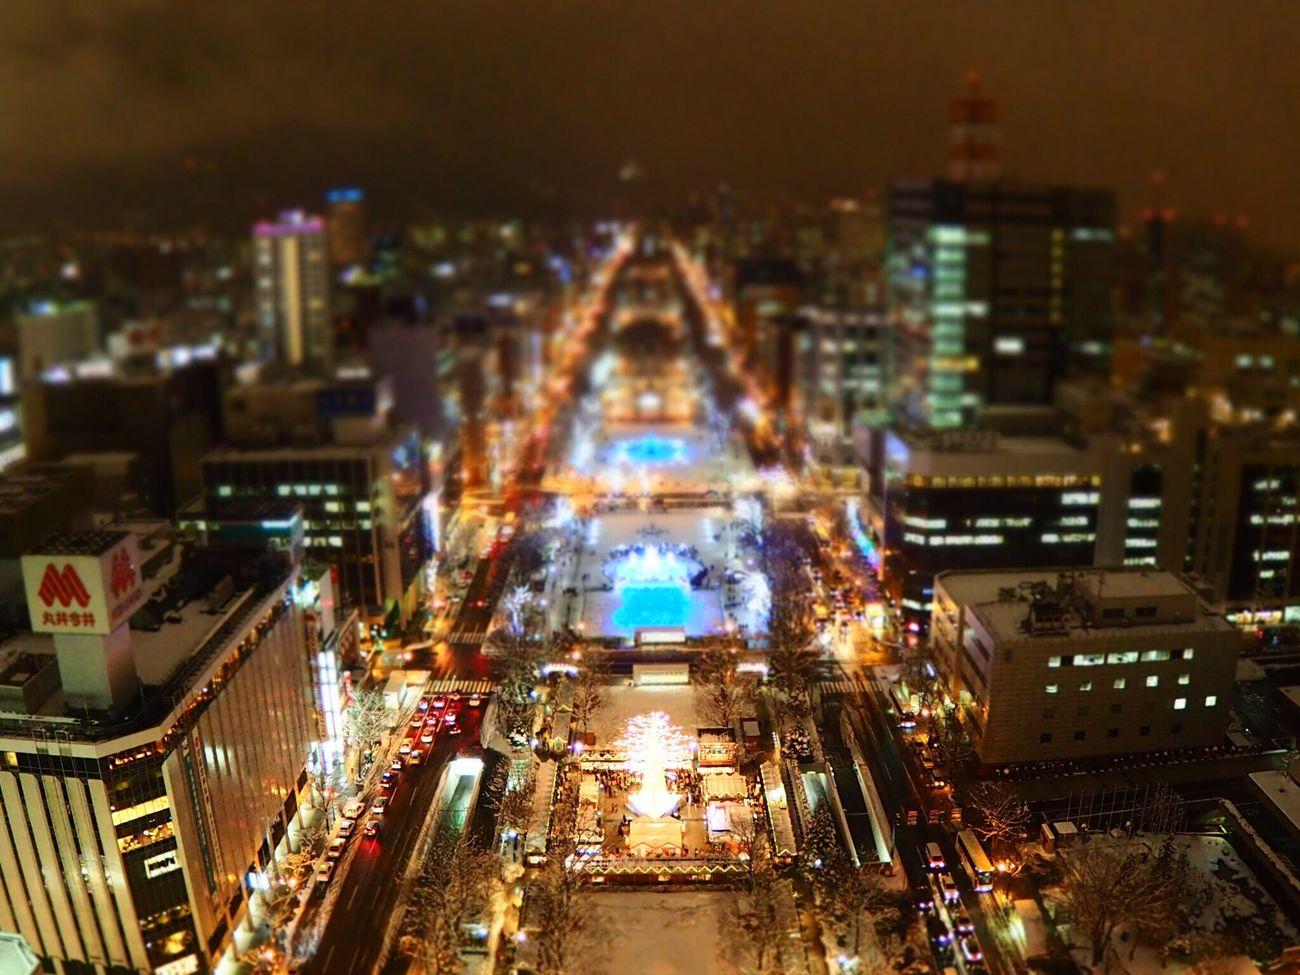 札幌テレビ塔からの夜景(Night view from the Sapporo TV Tower.)2015/12/18 Sapporo Hokkaido Night View Olympus Olympus OM-D E-M5 Mk.II Sapporo Tv Tower Sapporo Snow Festival Illumination Odori Park